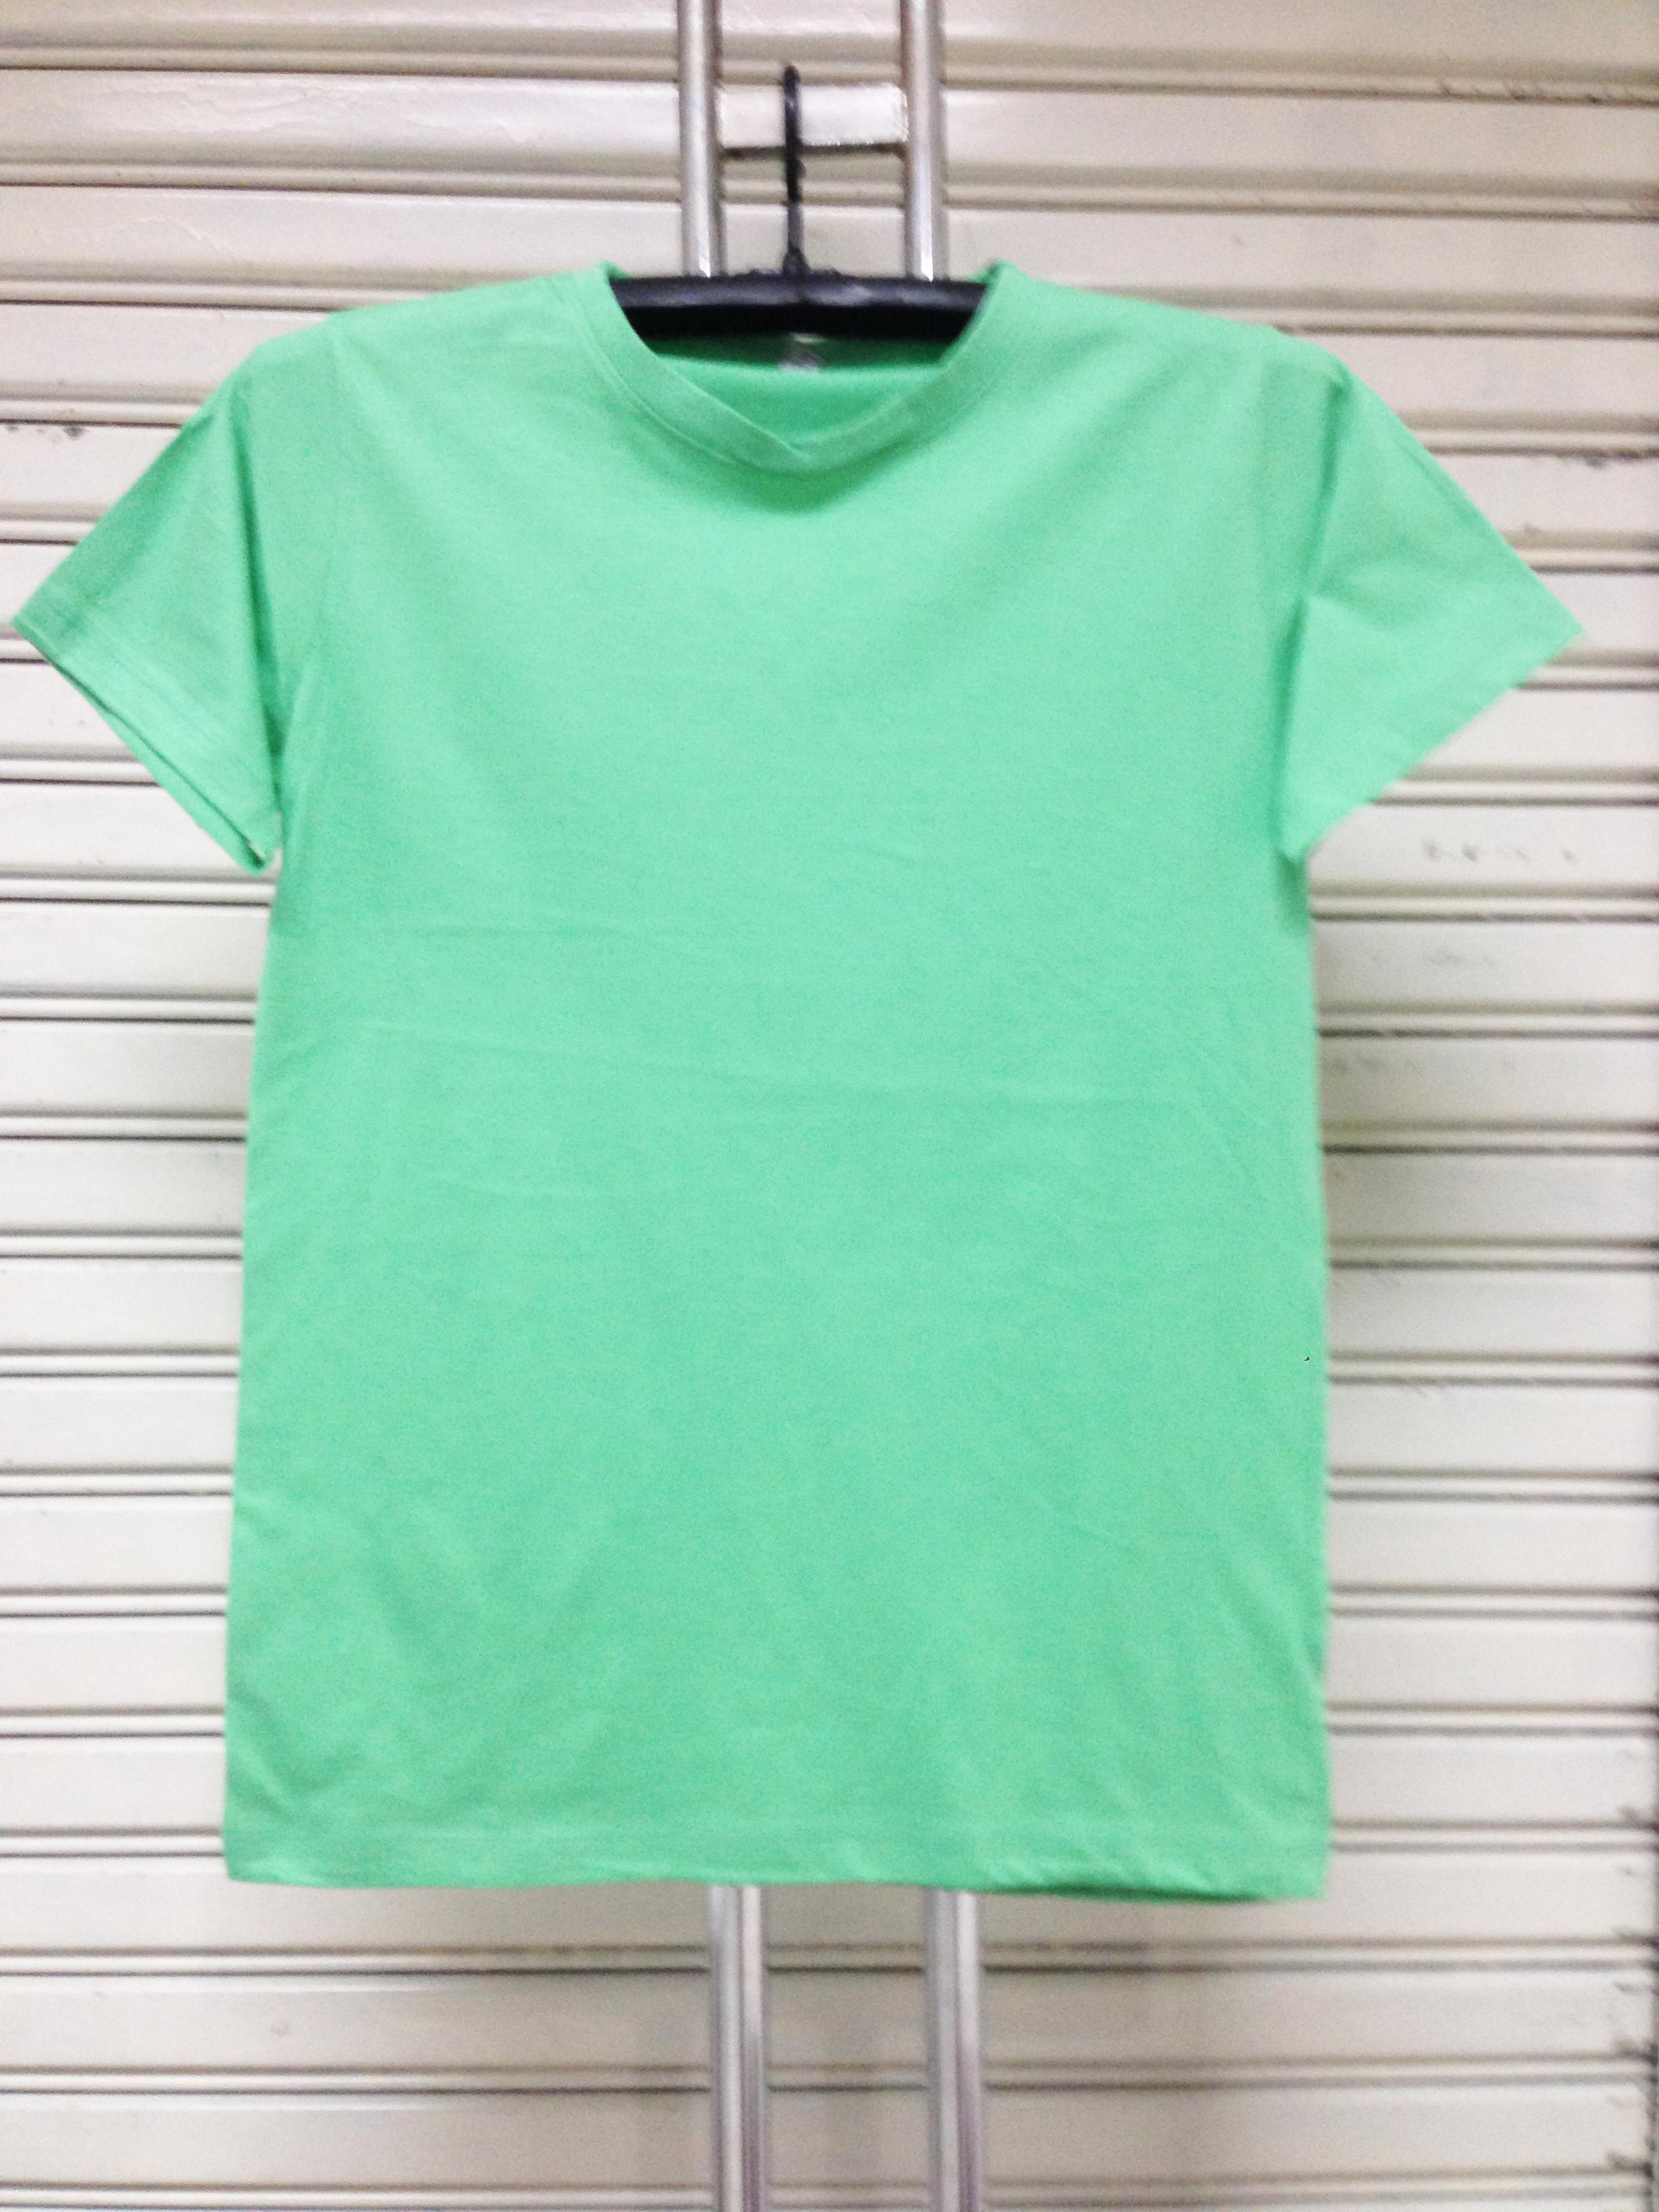 COTTON100% เบอร์32 เสื้อยืดแขนสั้น คอกลม สีเขียวมิ้น